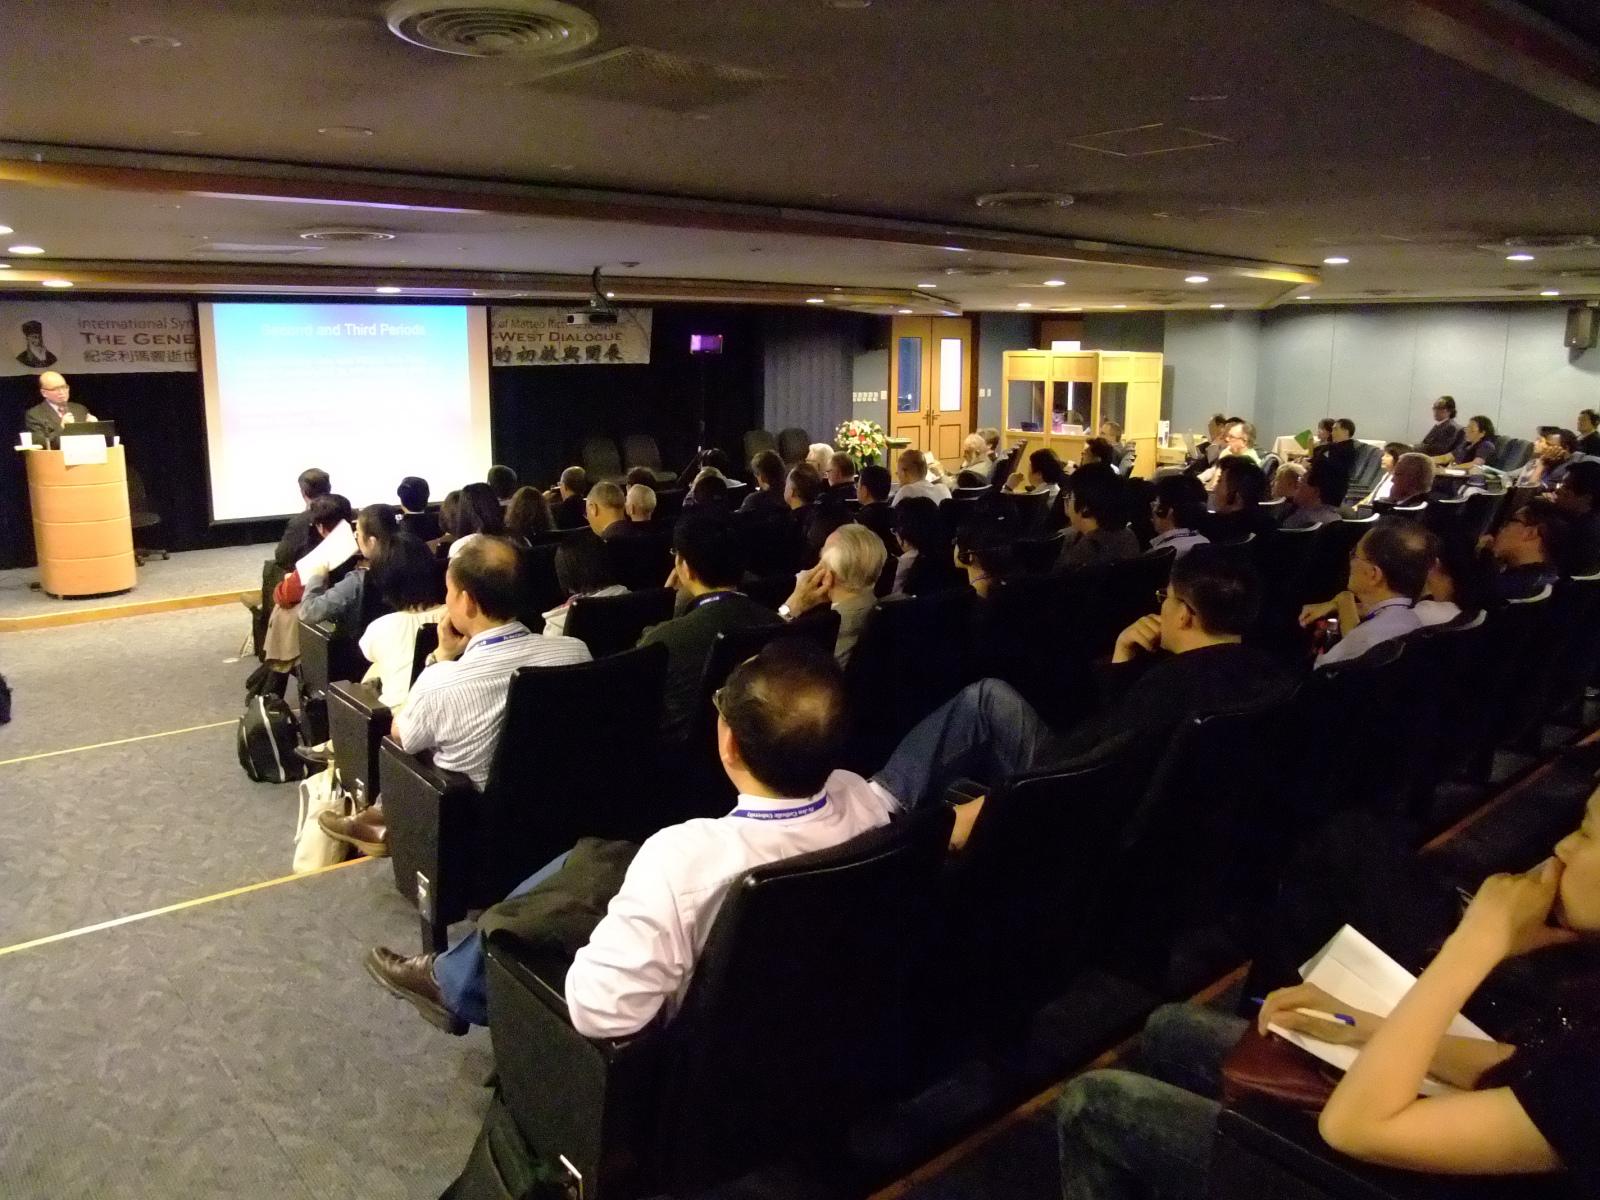 201004紀念利瑪竇逝世四百週年國際學術研討會-15